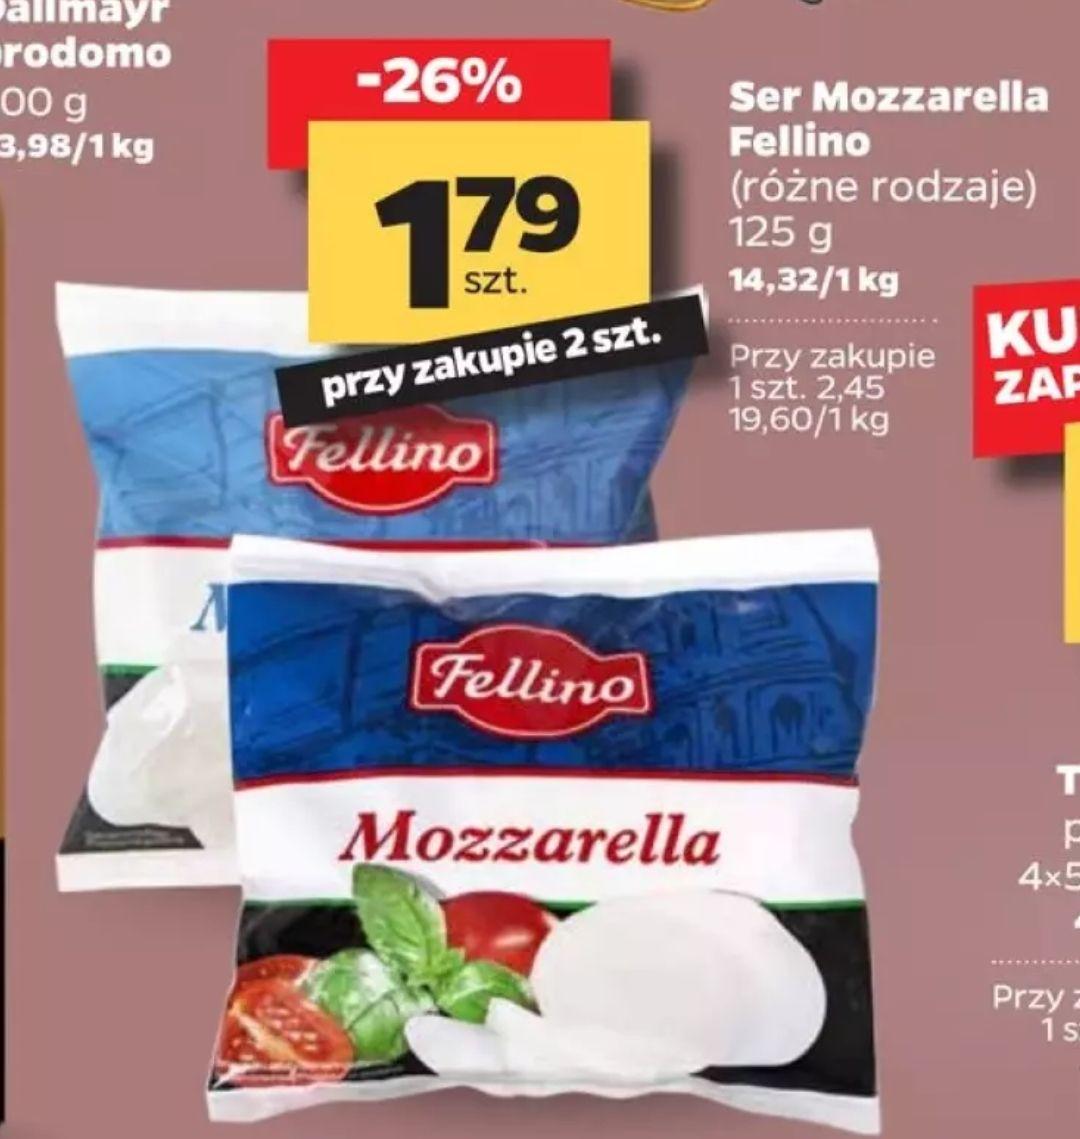 Ser mozzarella 125g (cena przy zakupie dwóch) w Netto